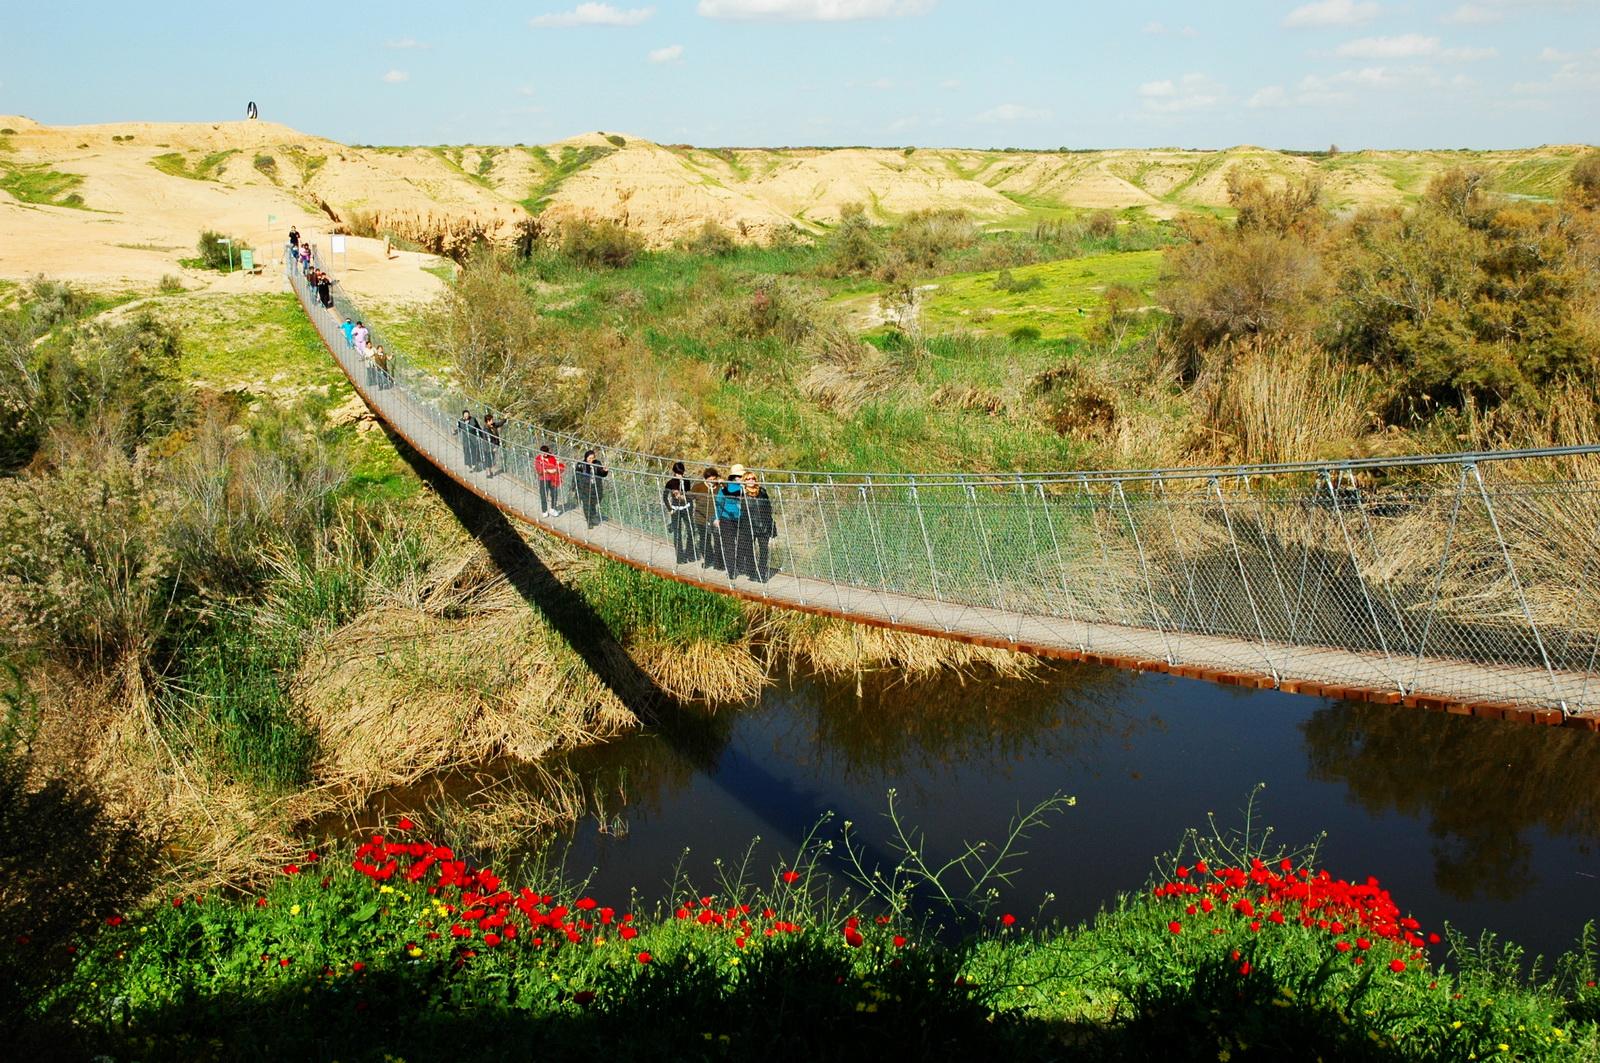 נחל הבשור - הגשר התלוי